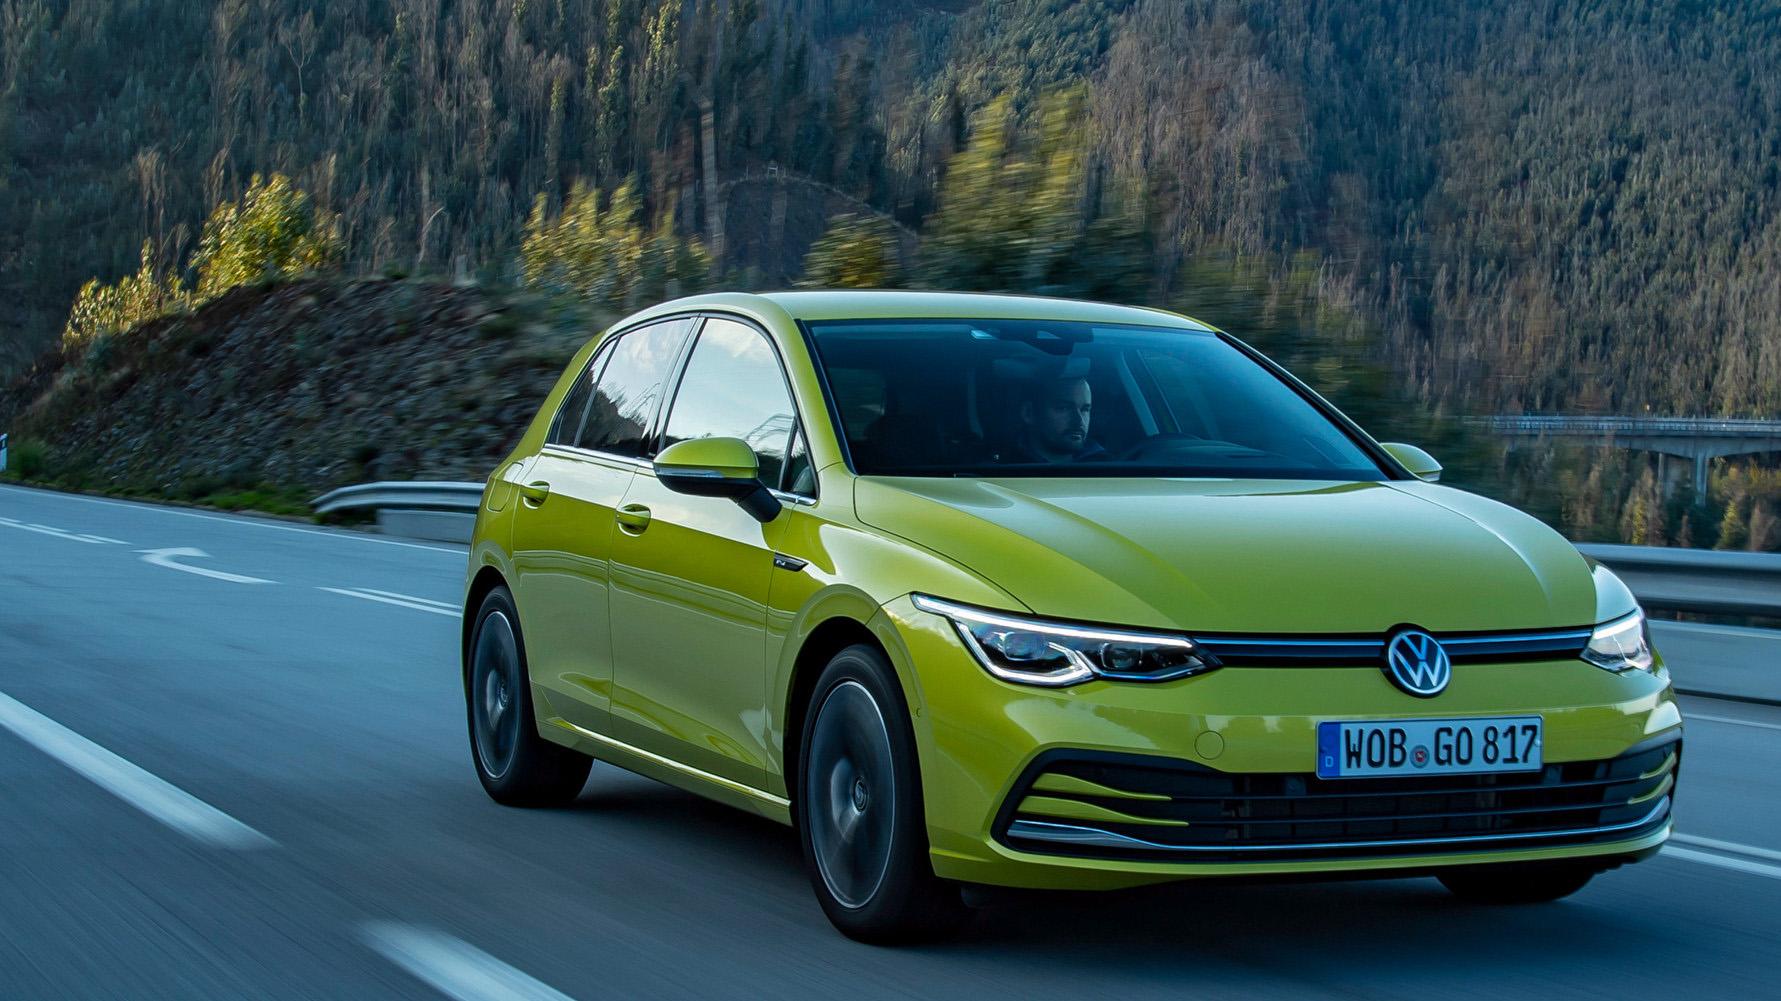 八代 Volkswagen Golf 售價五月底公佈!首度引進 48V 輕油電動力